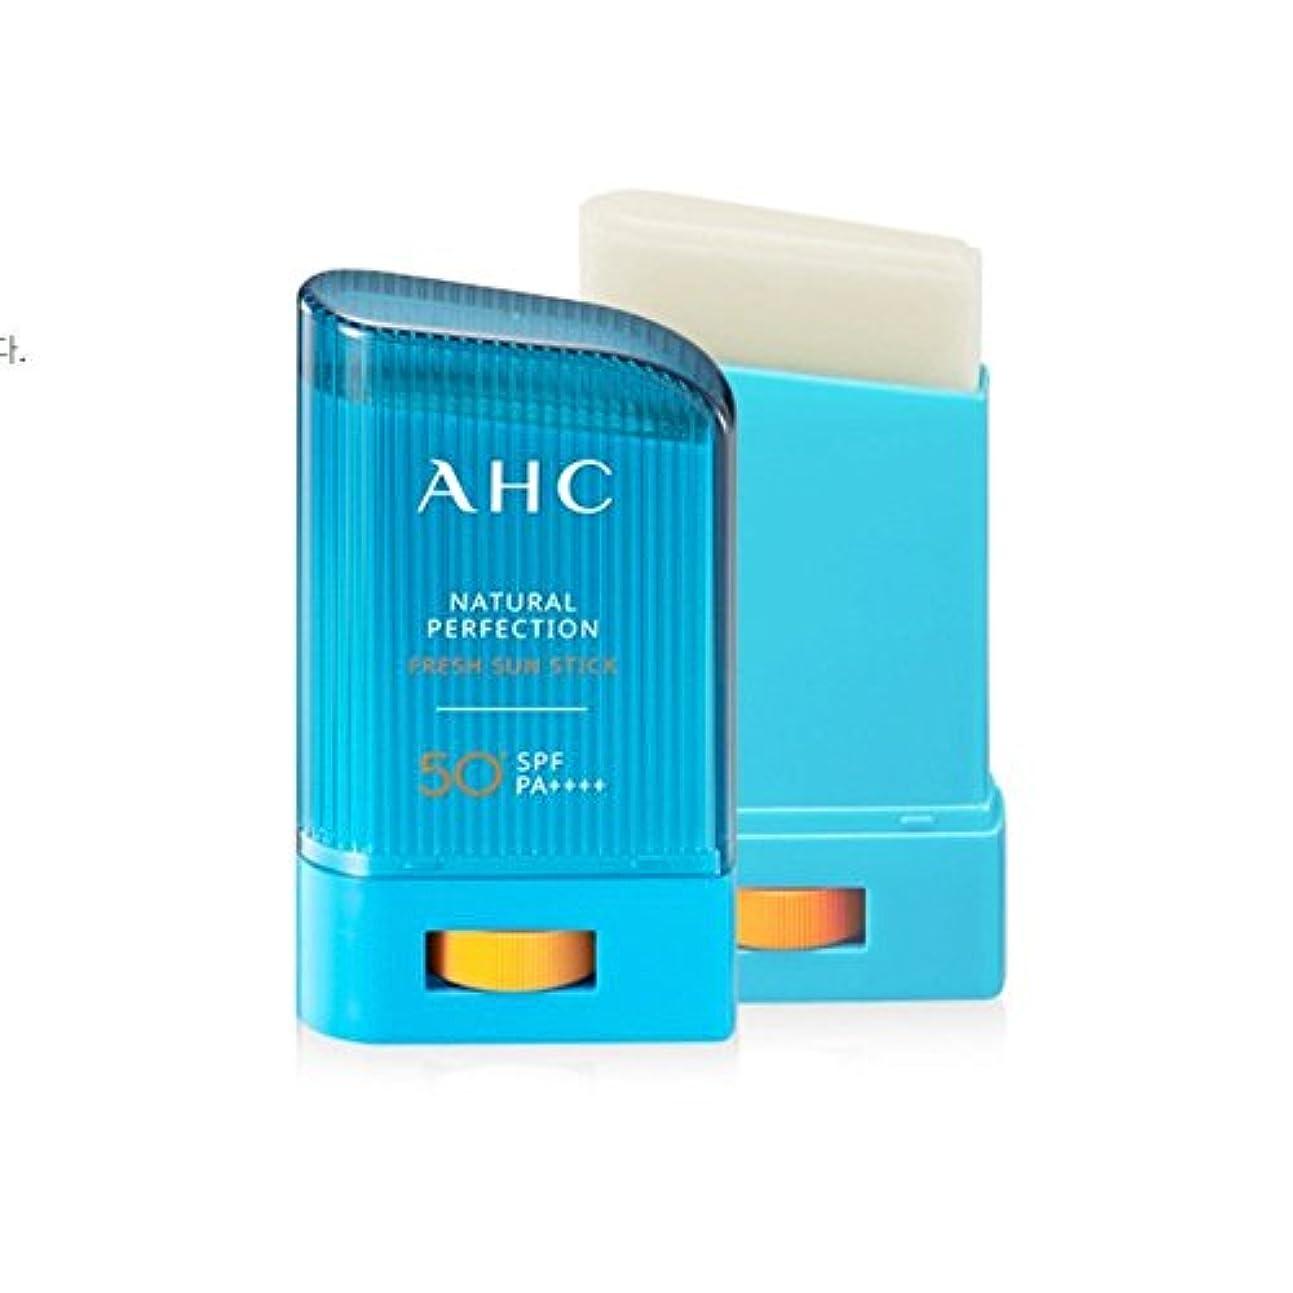 三角形薬を飲む関税[1+1] AHC Natural Perfection Fresh Sun Stick ナチュラルパーフェクションフレッシュサンスティック 22g * 2個 [並行輸入品]